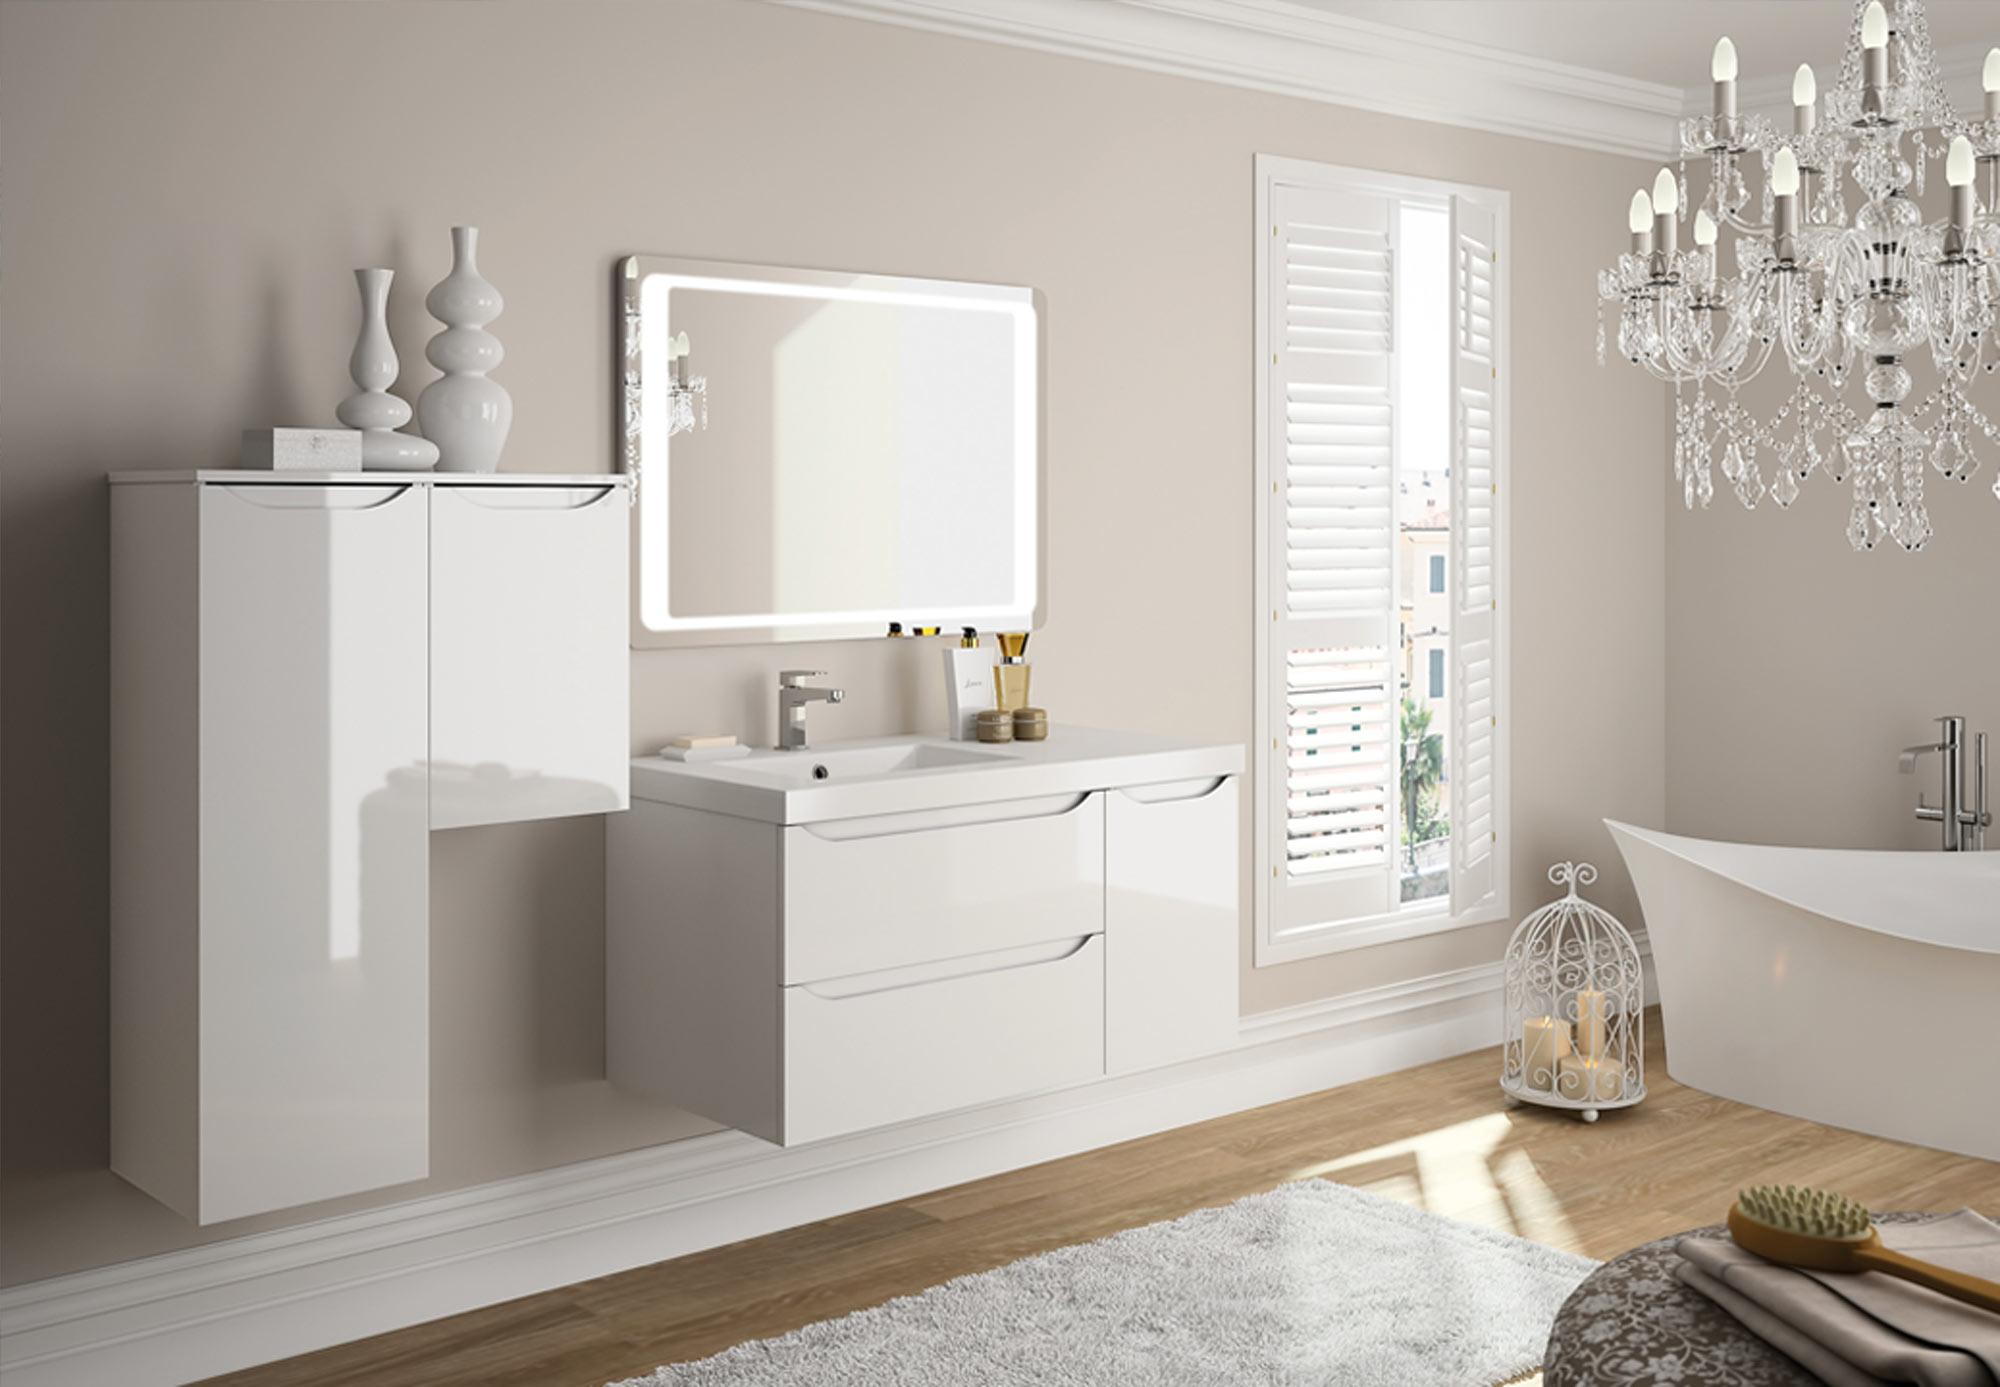 meuble salle de bain cedam feeling